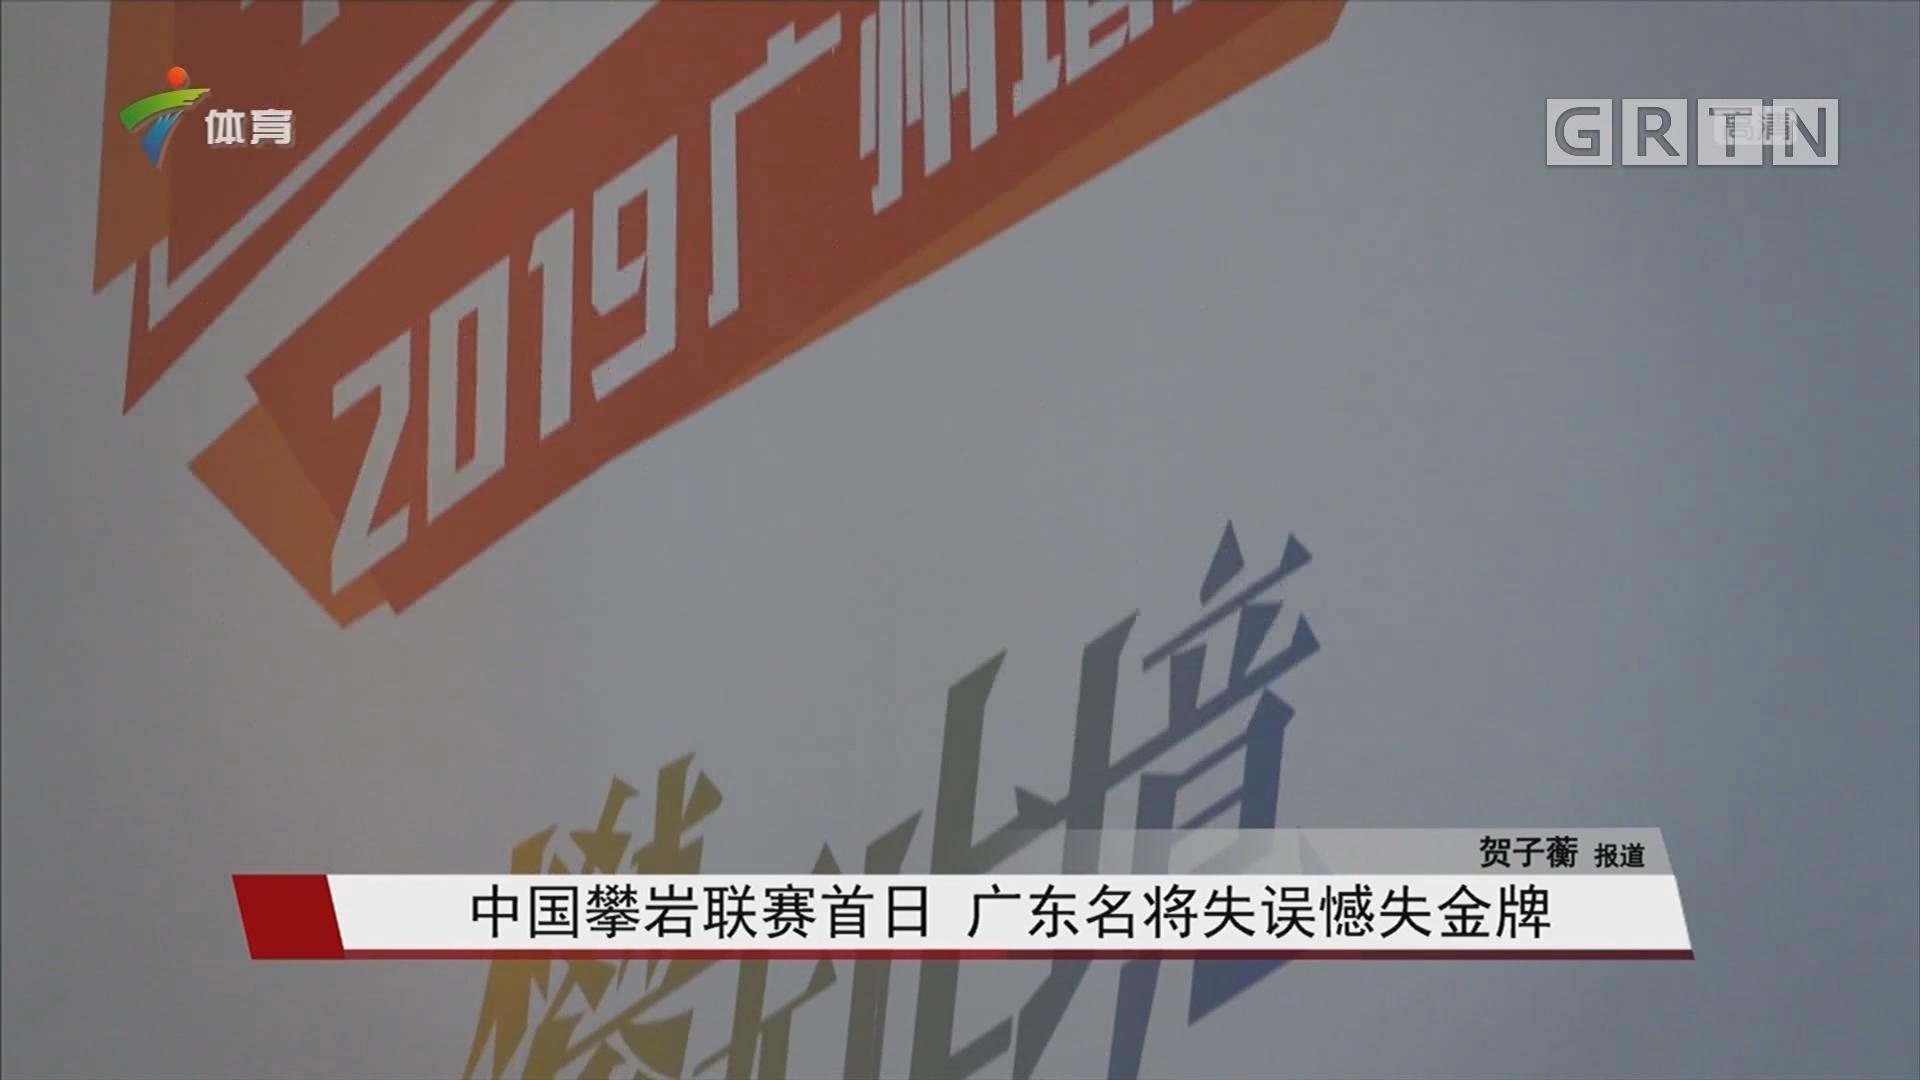 中国攀岩联赛首日 广东名将失误憾失金牌